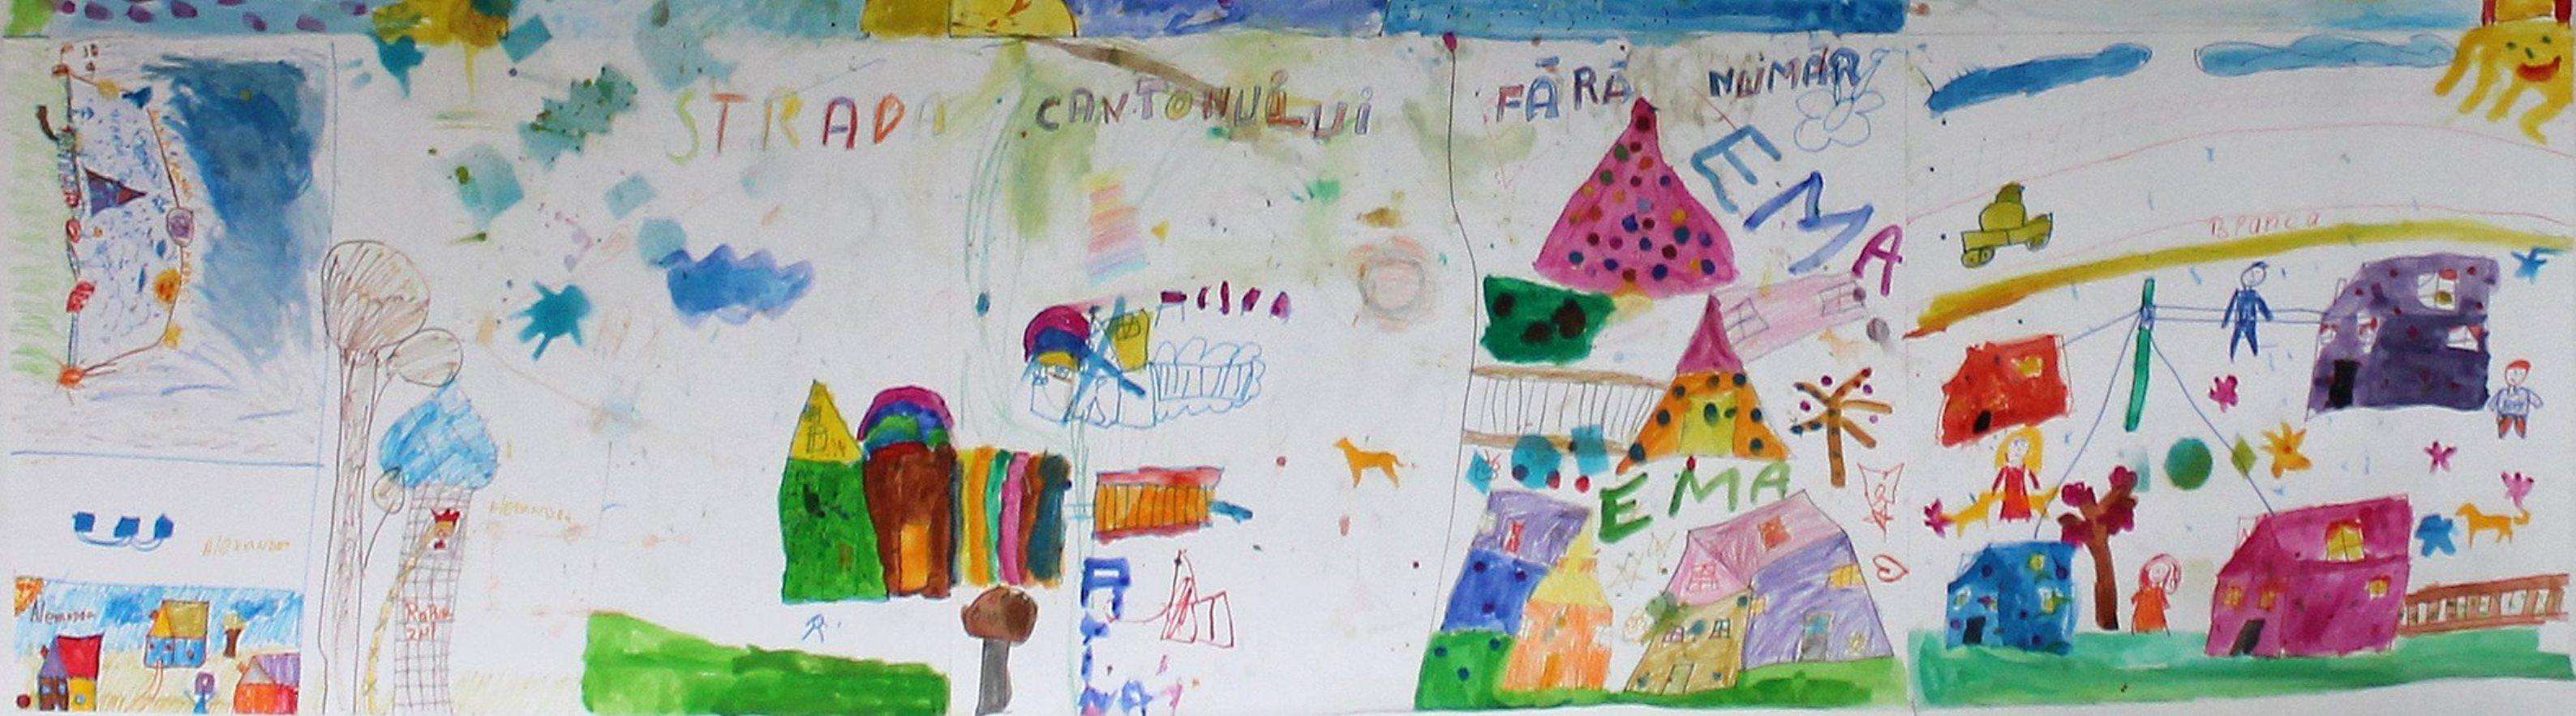 desen copii_cantonului(redimensionat)